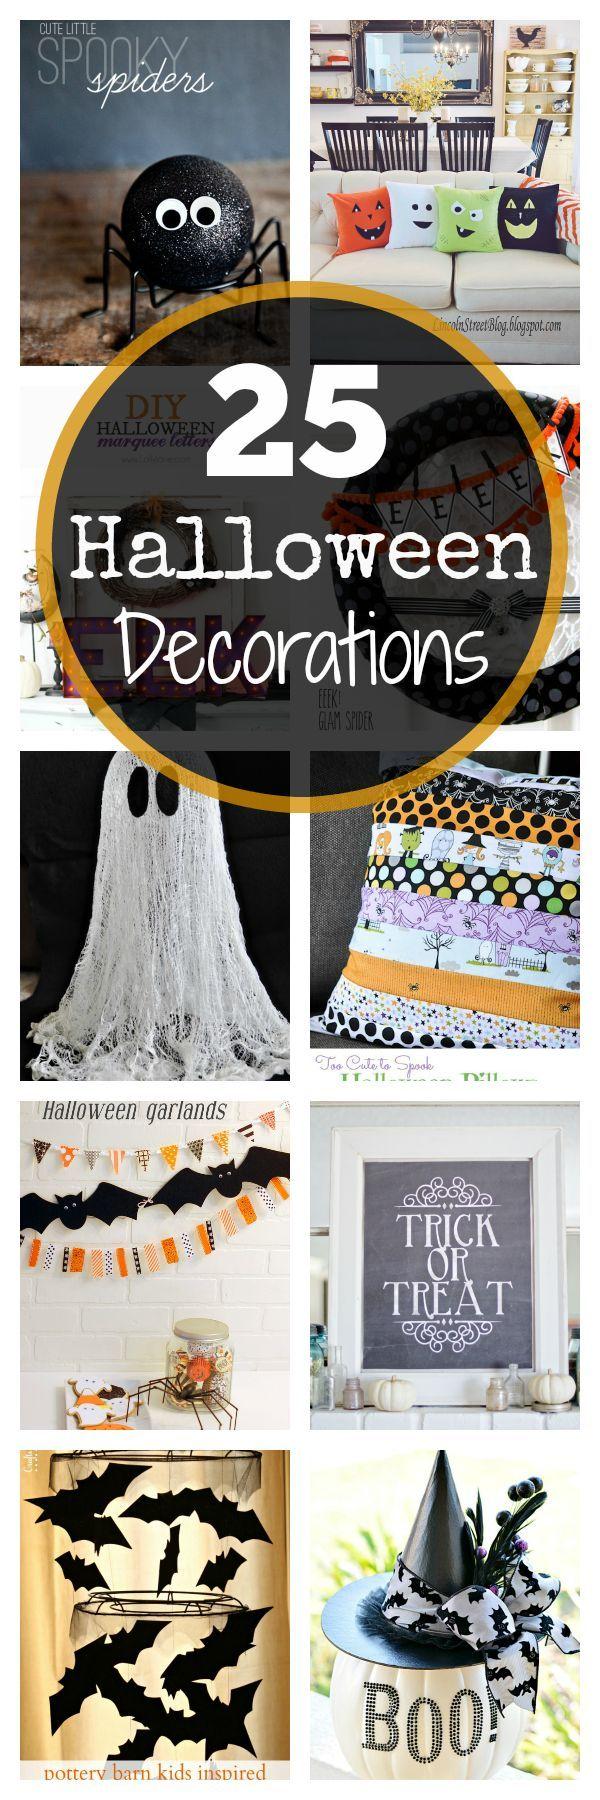 25 Halloween decoration ideas!